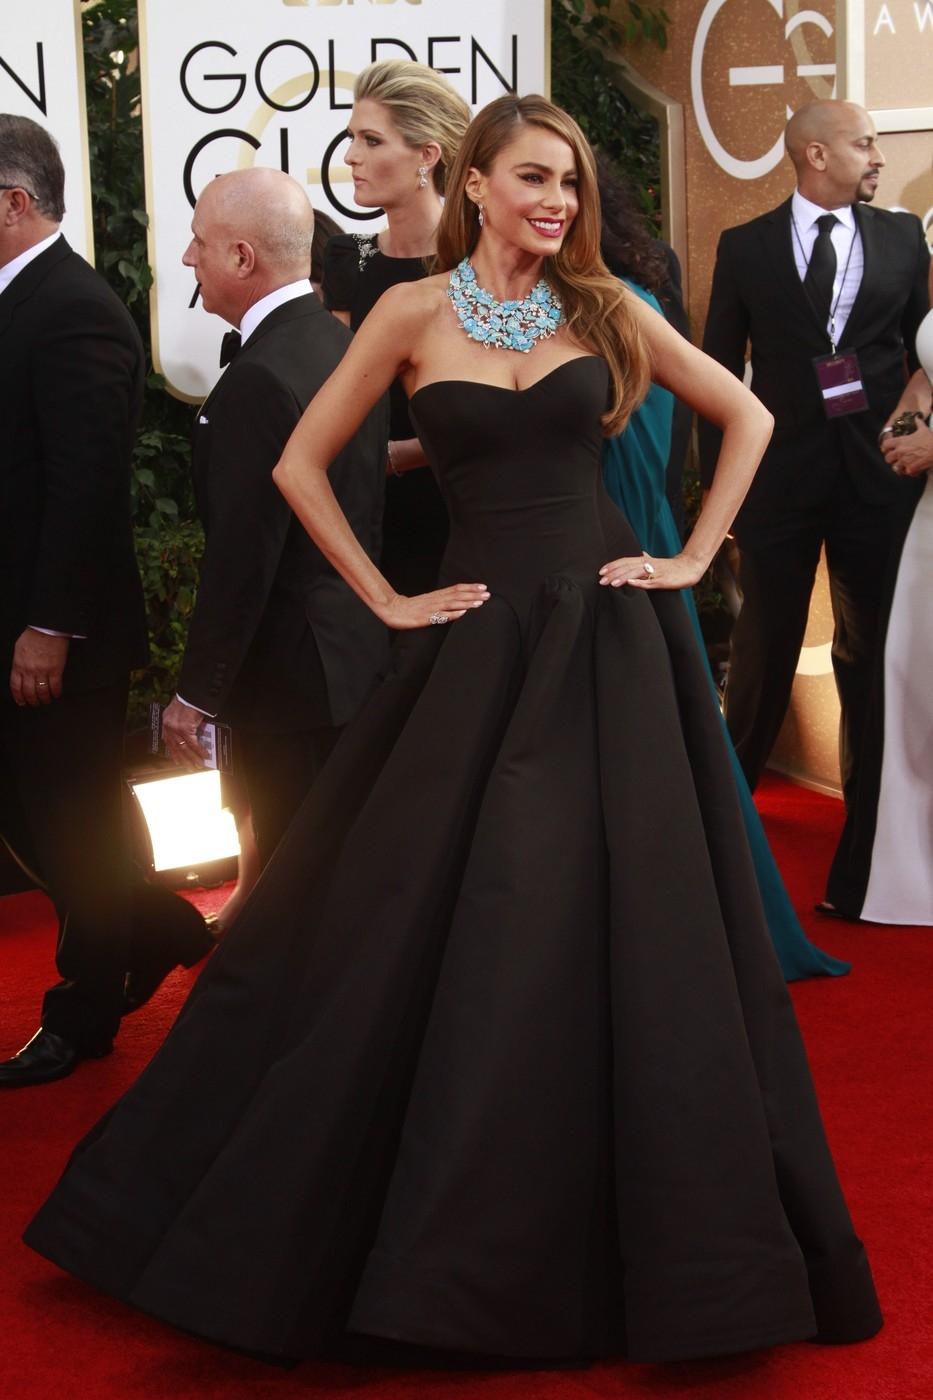 Sofia Vergara/Golden Globe díjátadó